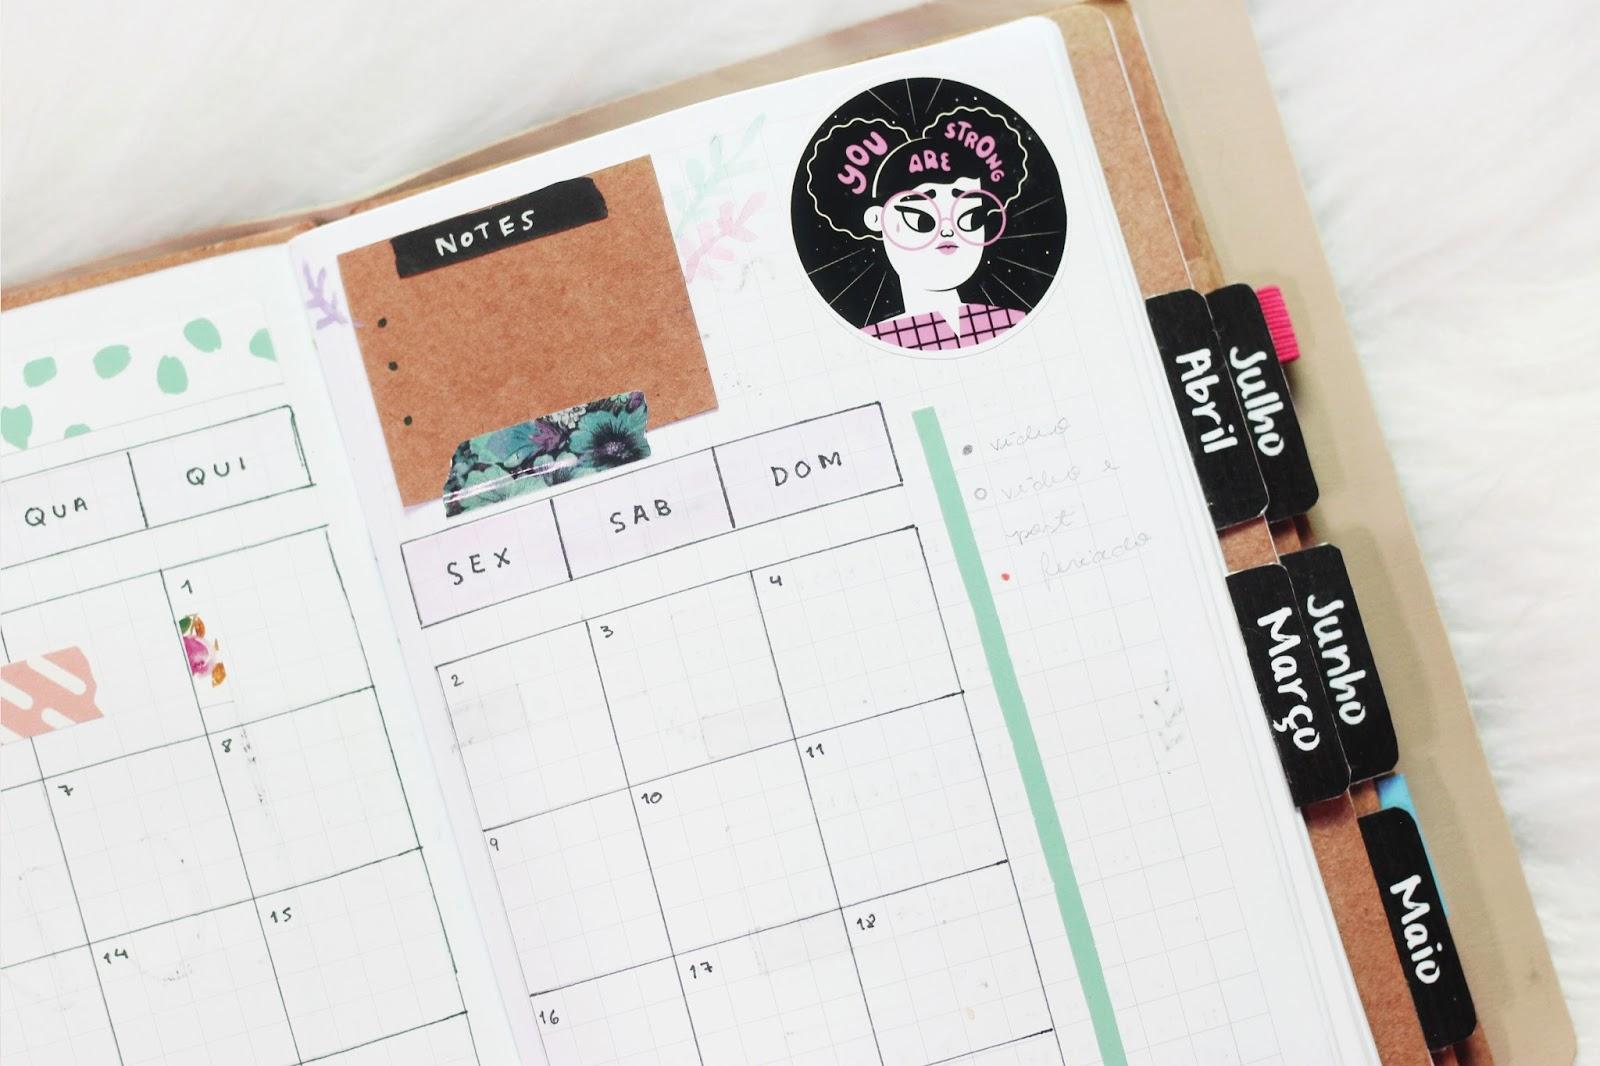 bullet-journal-plan-with-me-fevereiro-bujo-planner-ideias-ideia-nicolymillanez